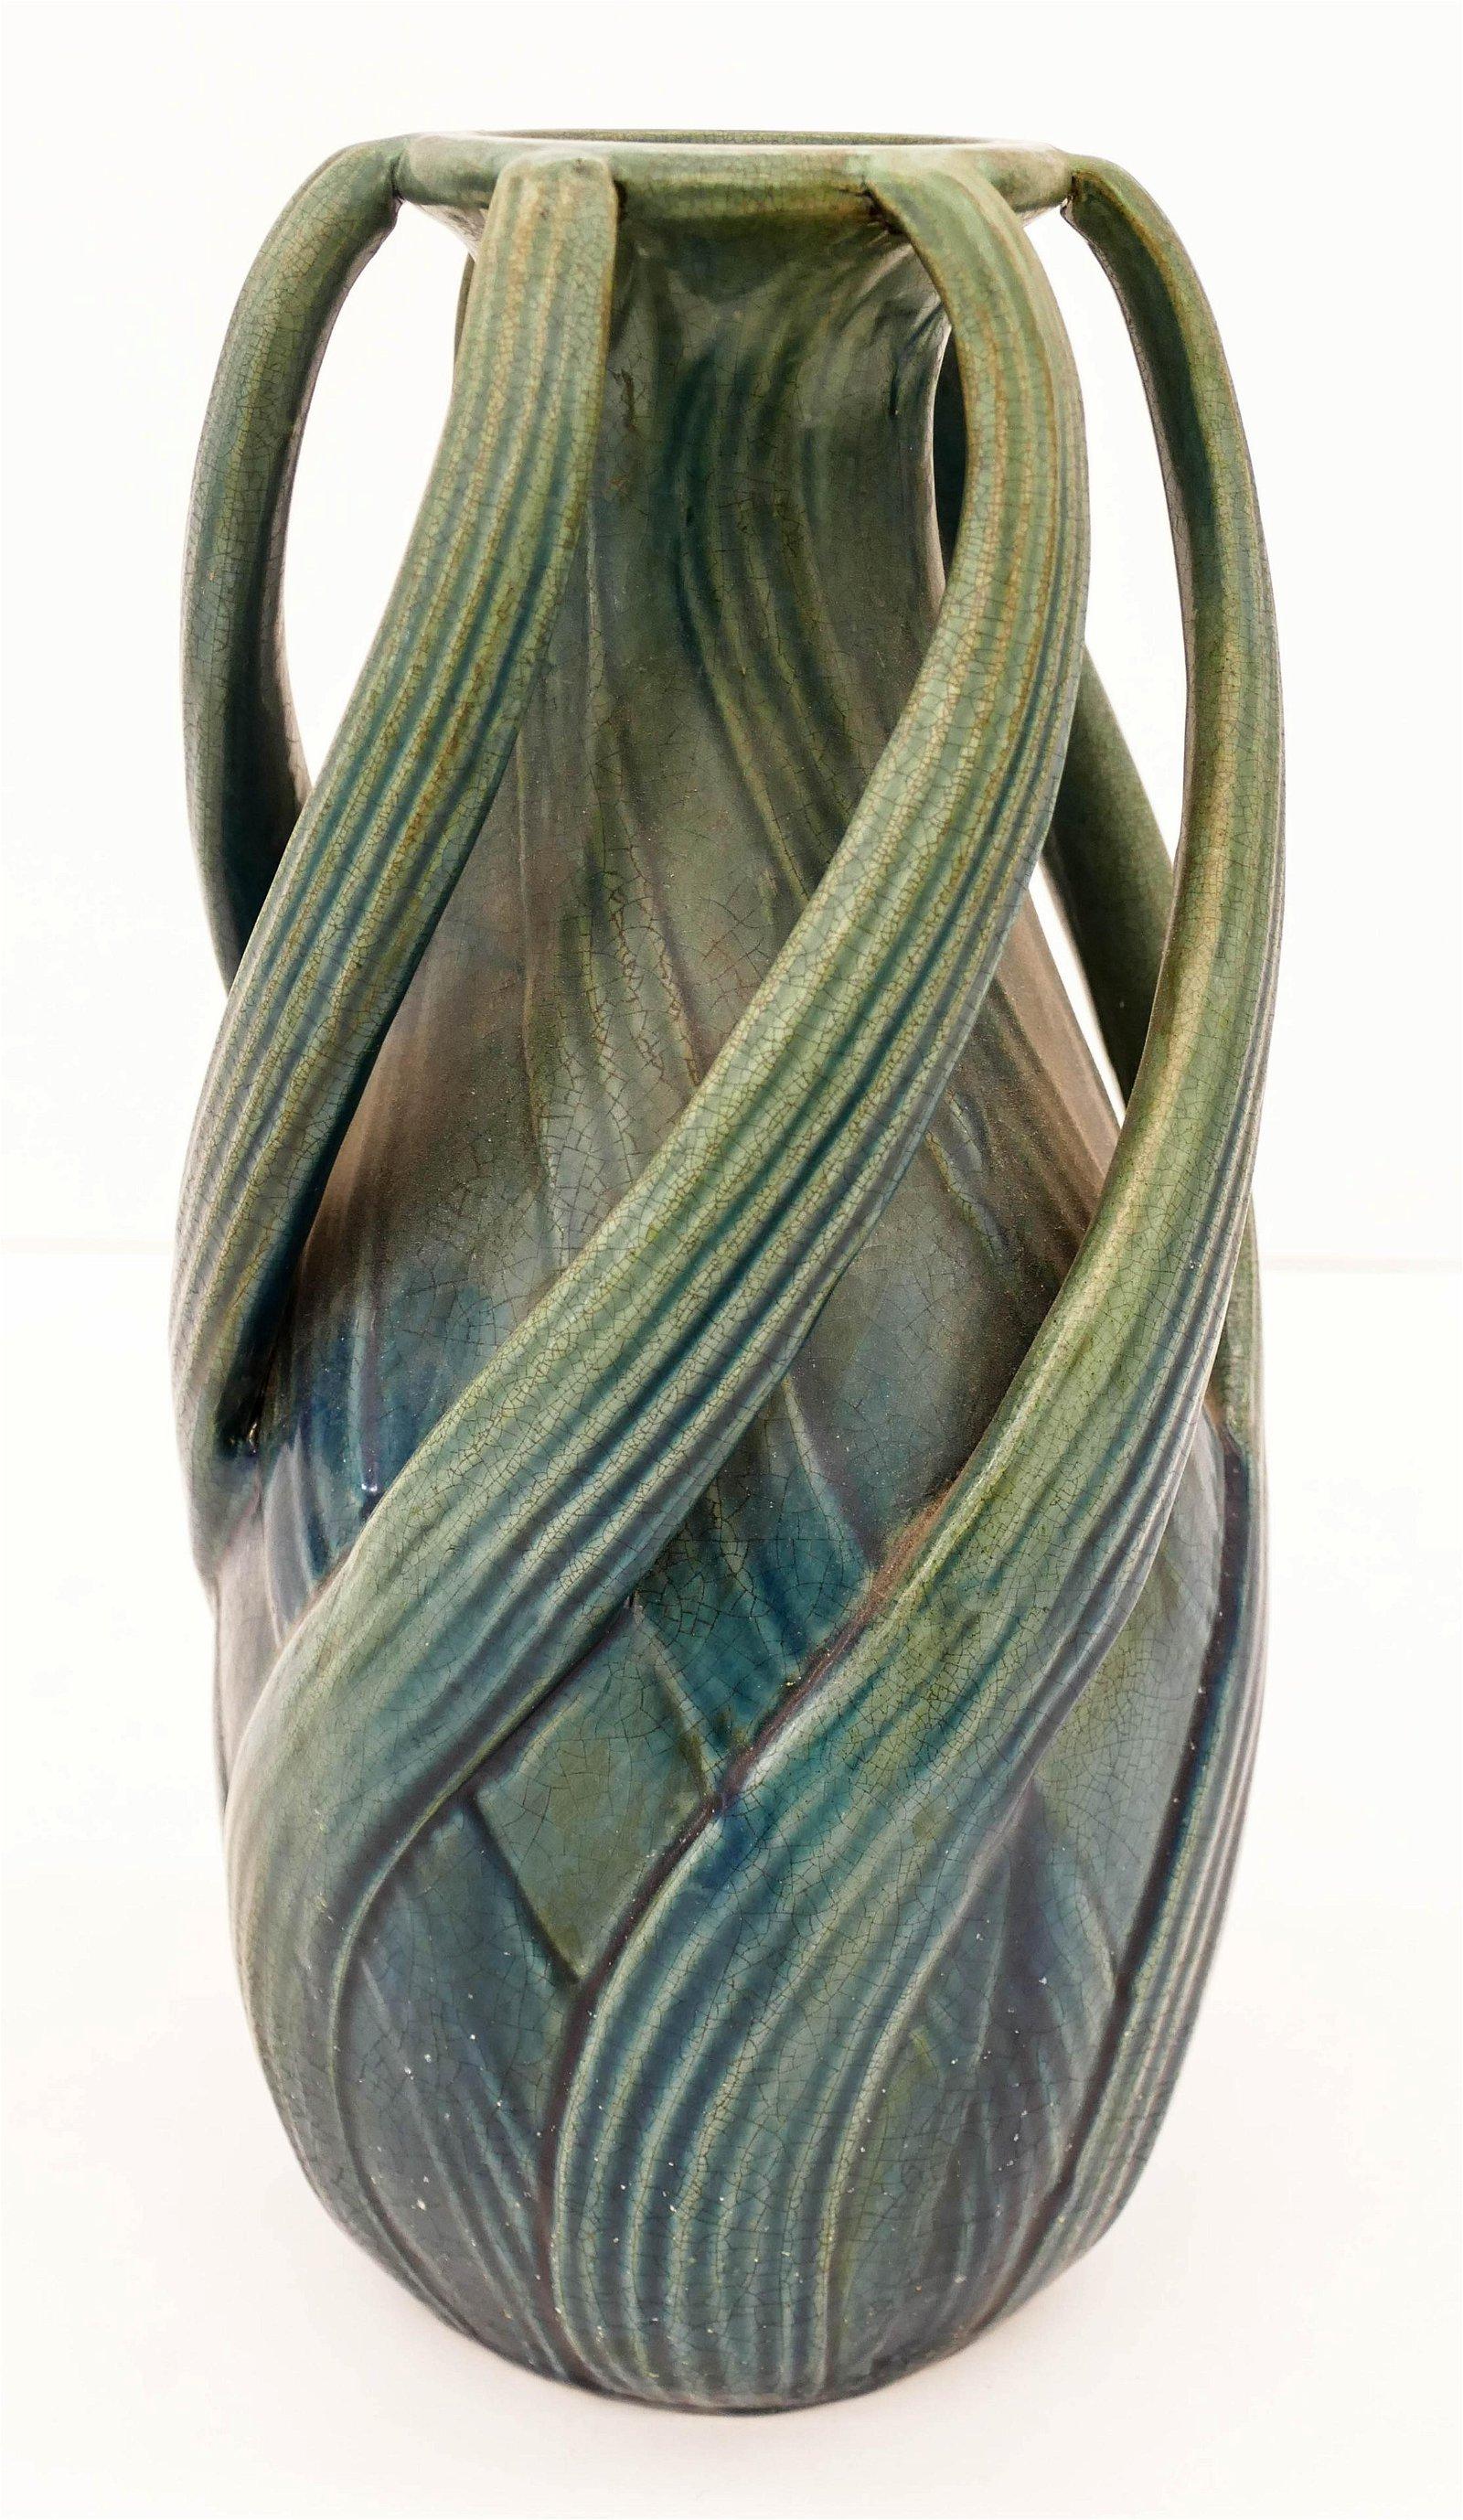 Austrian Art Nouveau Twist Handle Pottery Vase